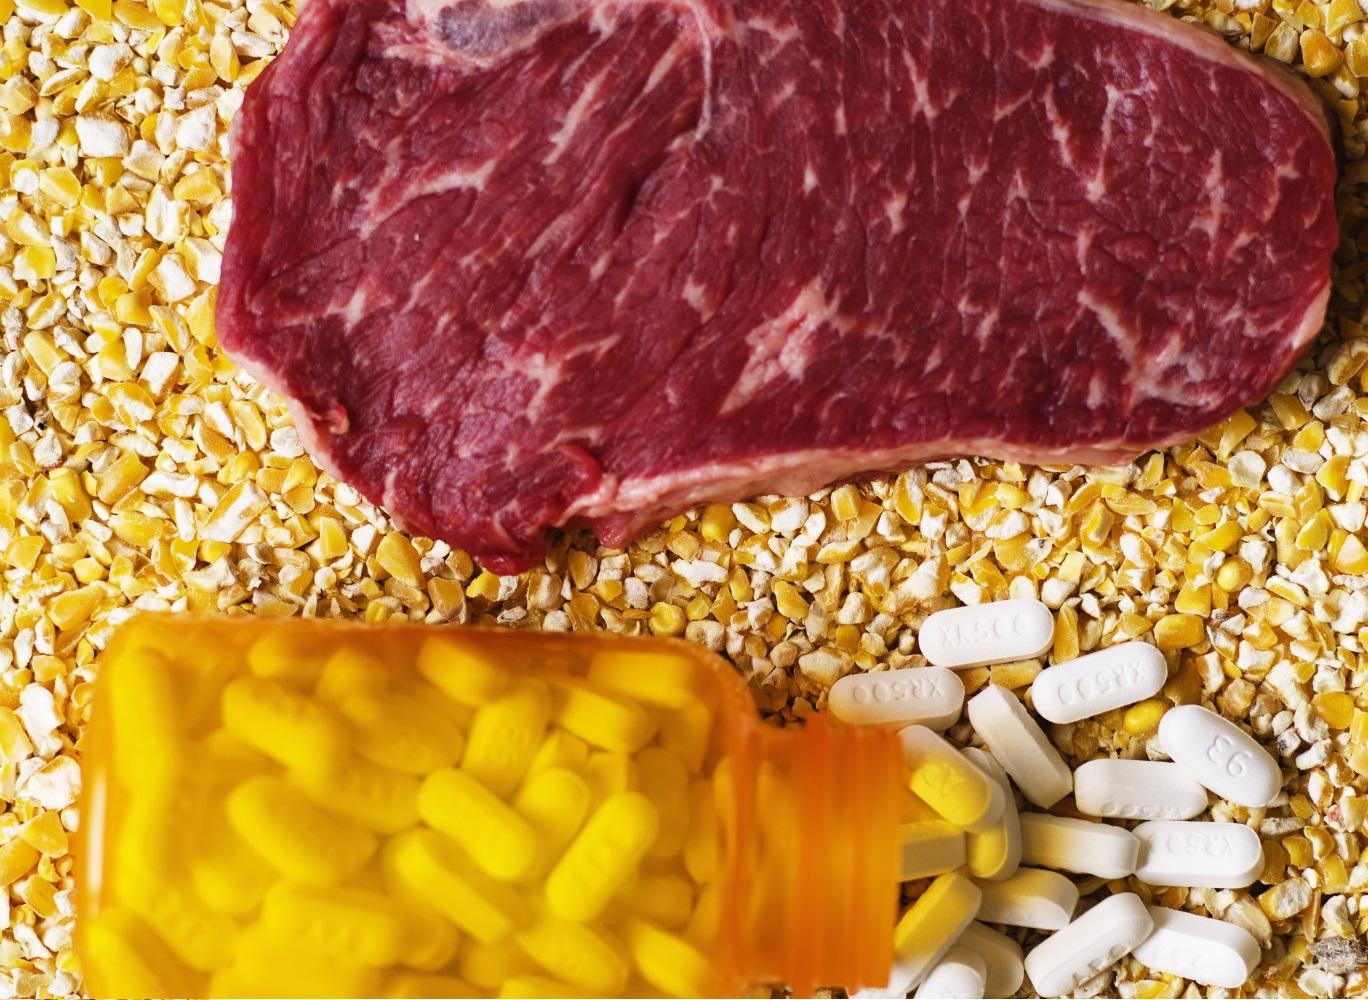 Применение антибиотиков в мировом сельском хозяйстве угрожающе растет